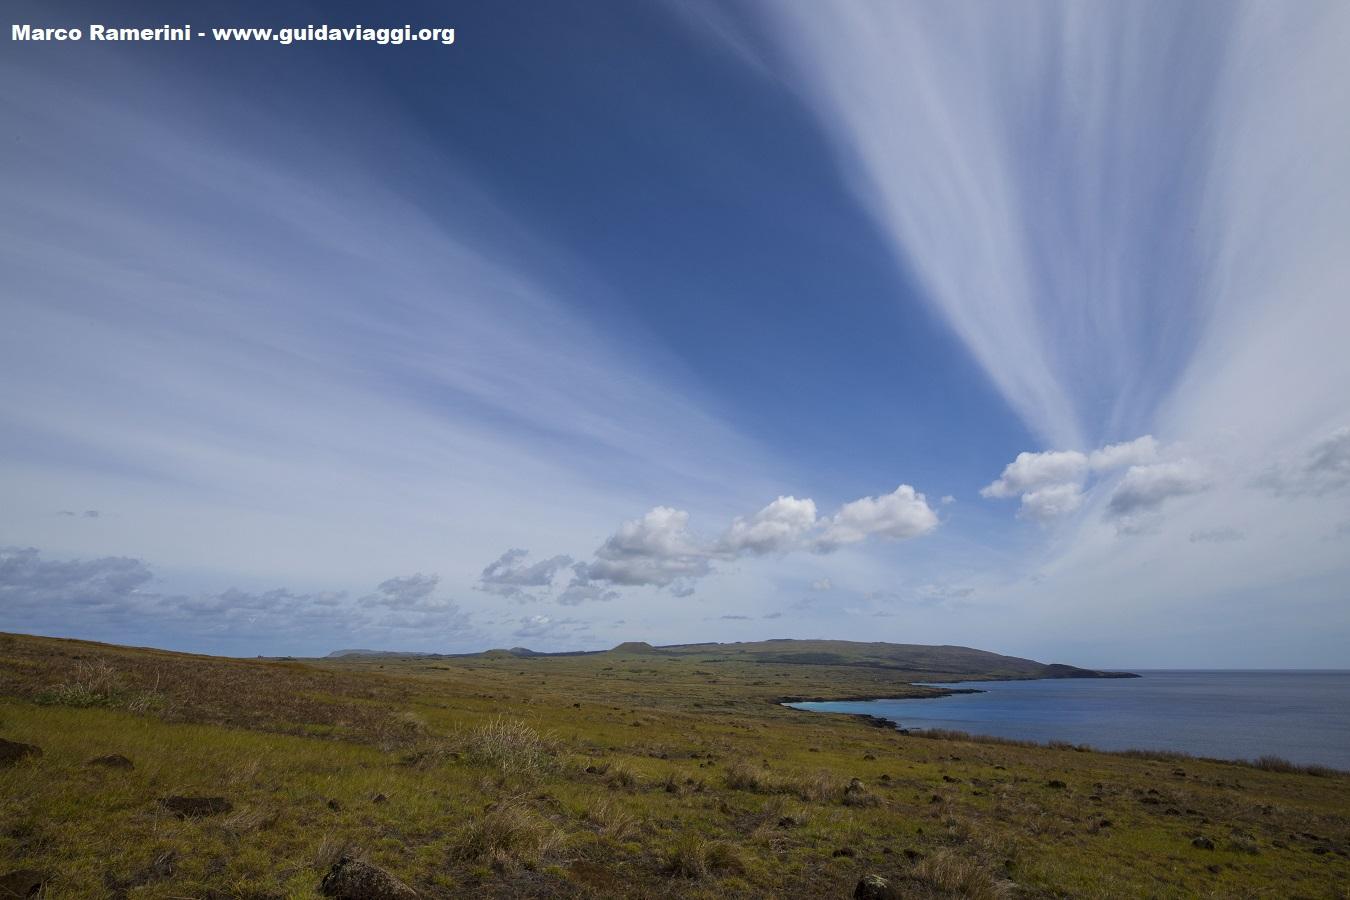 Panorama a través de la isla desde el volcán Poike, Isla de Pascua, Chile. Autor y Copyright Marco Ramerini